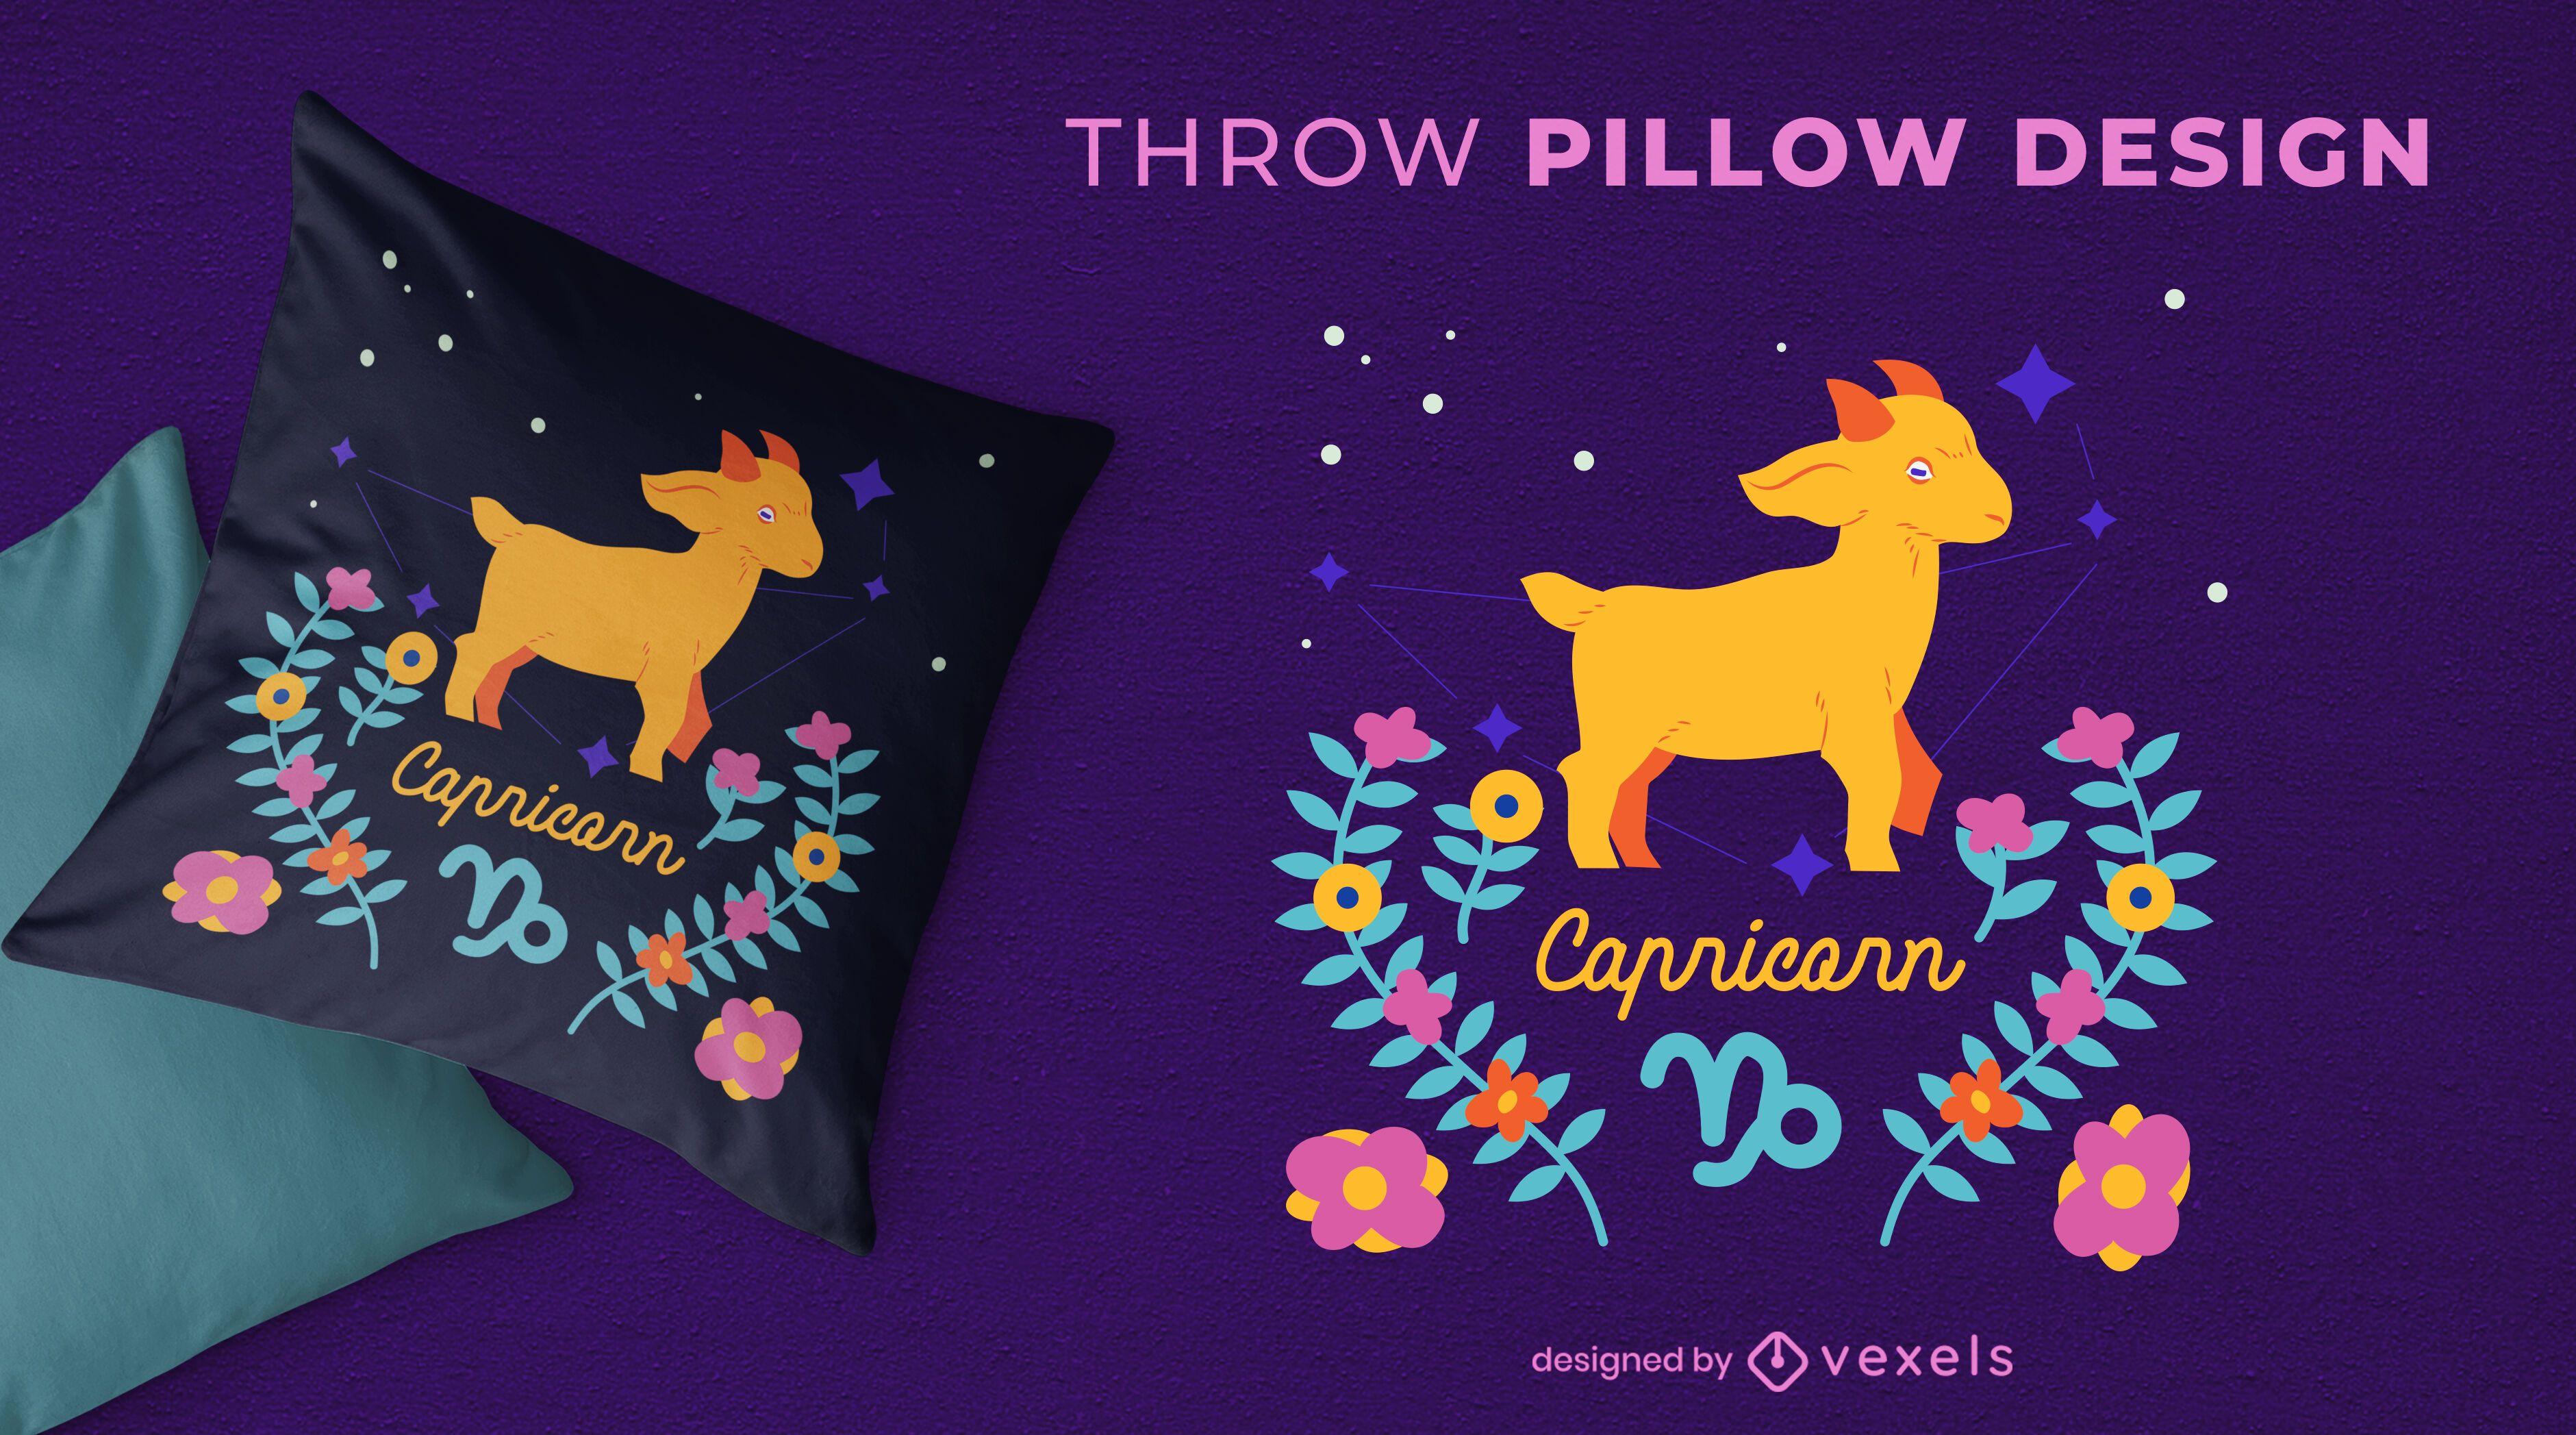 Diseño de almohada de signo del zodiaco Capricornio